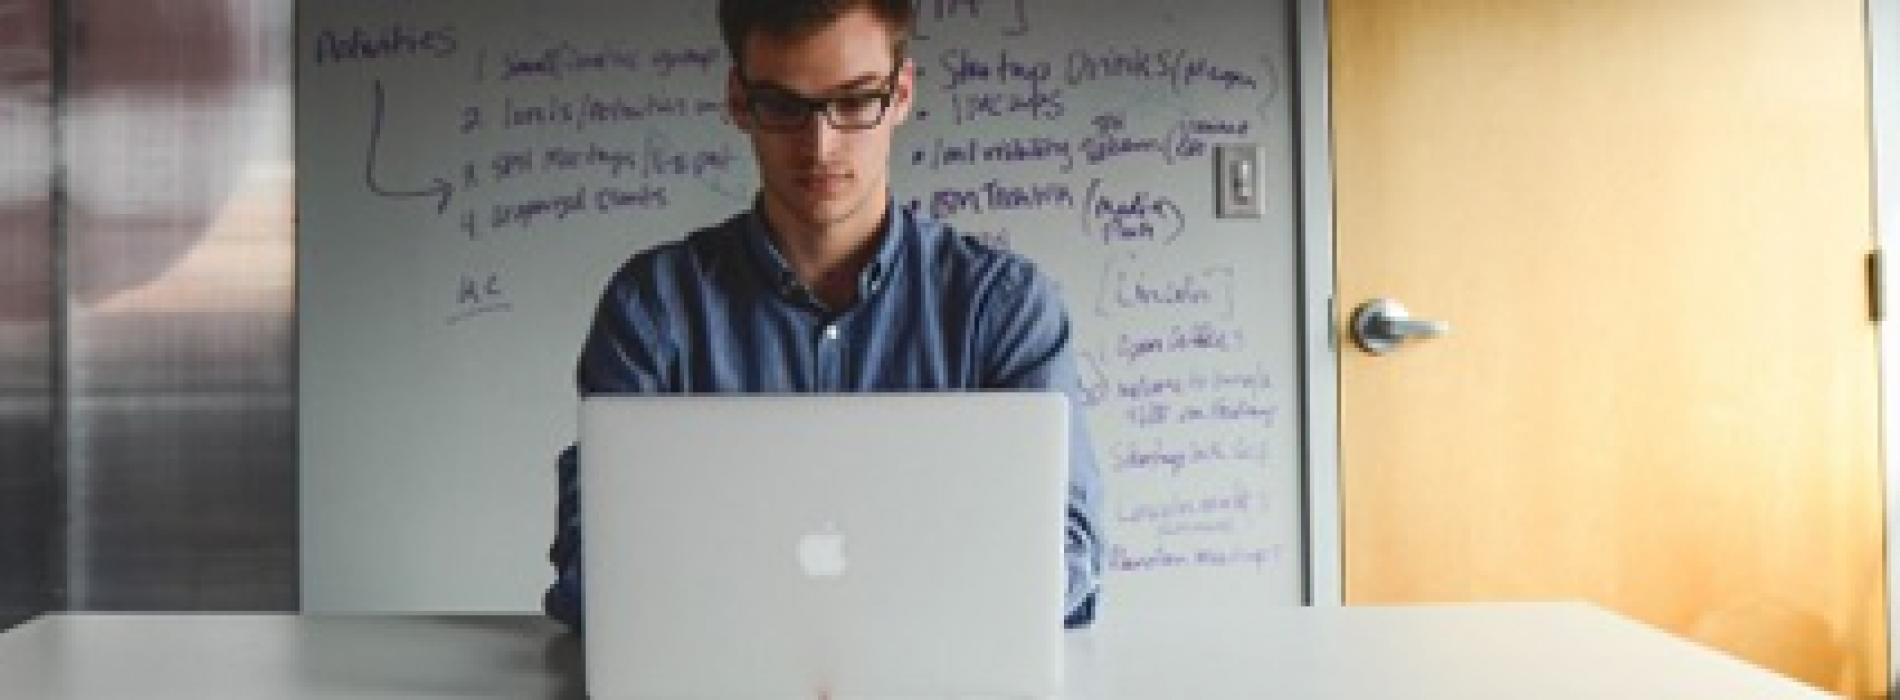 شرح | التقديم والبحث عن الوظائف عن طريق الانترنت